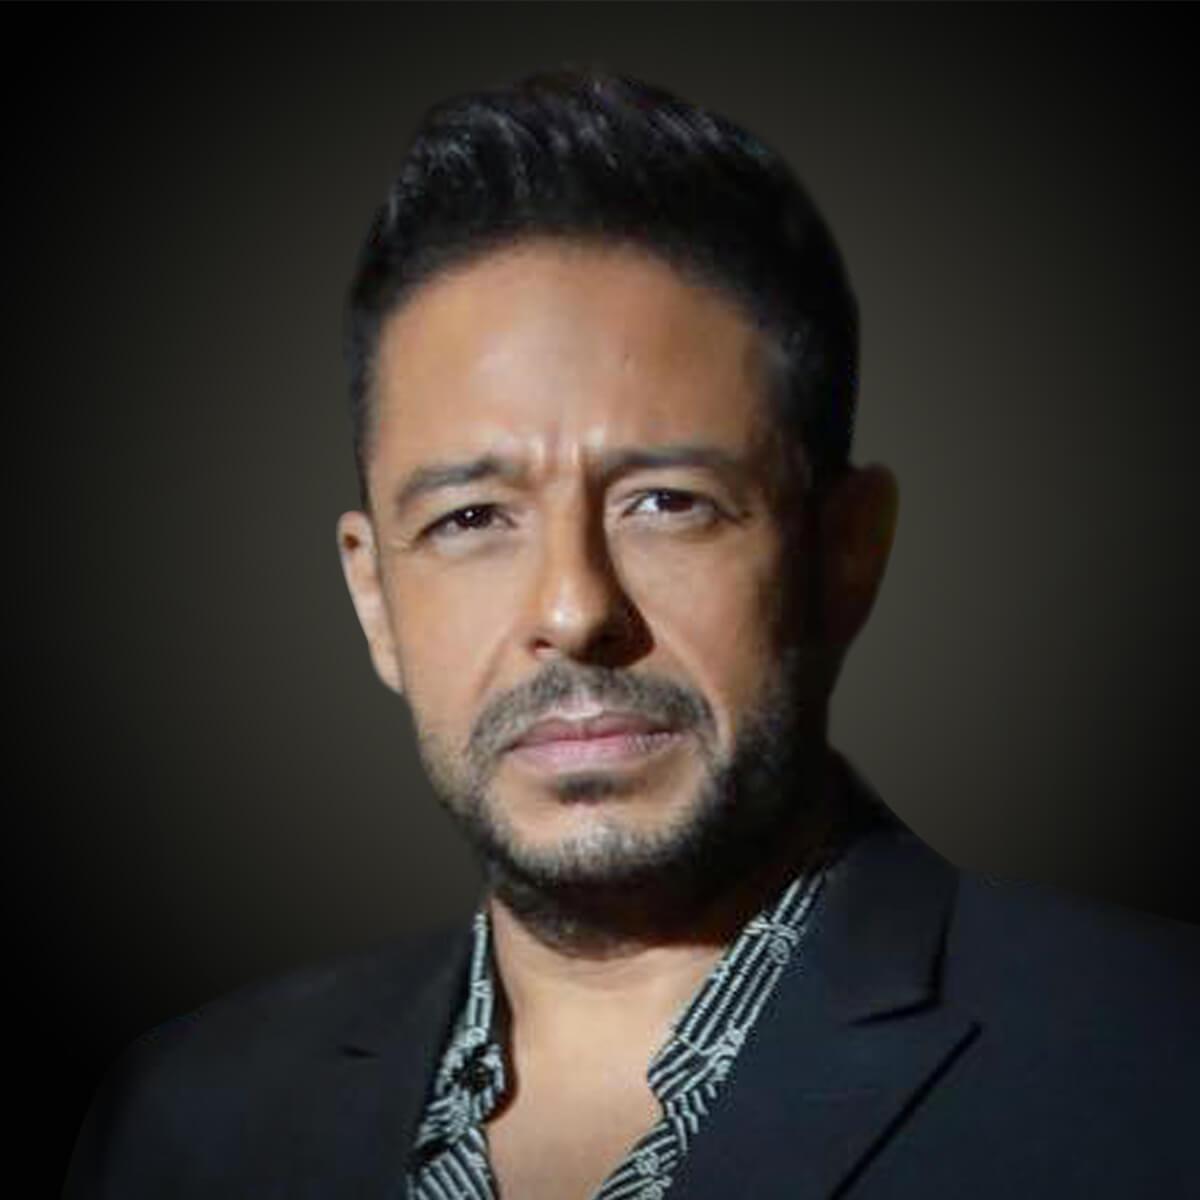 mohamed hamaki arab singer